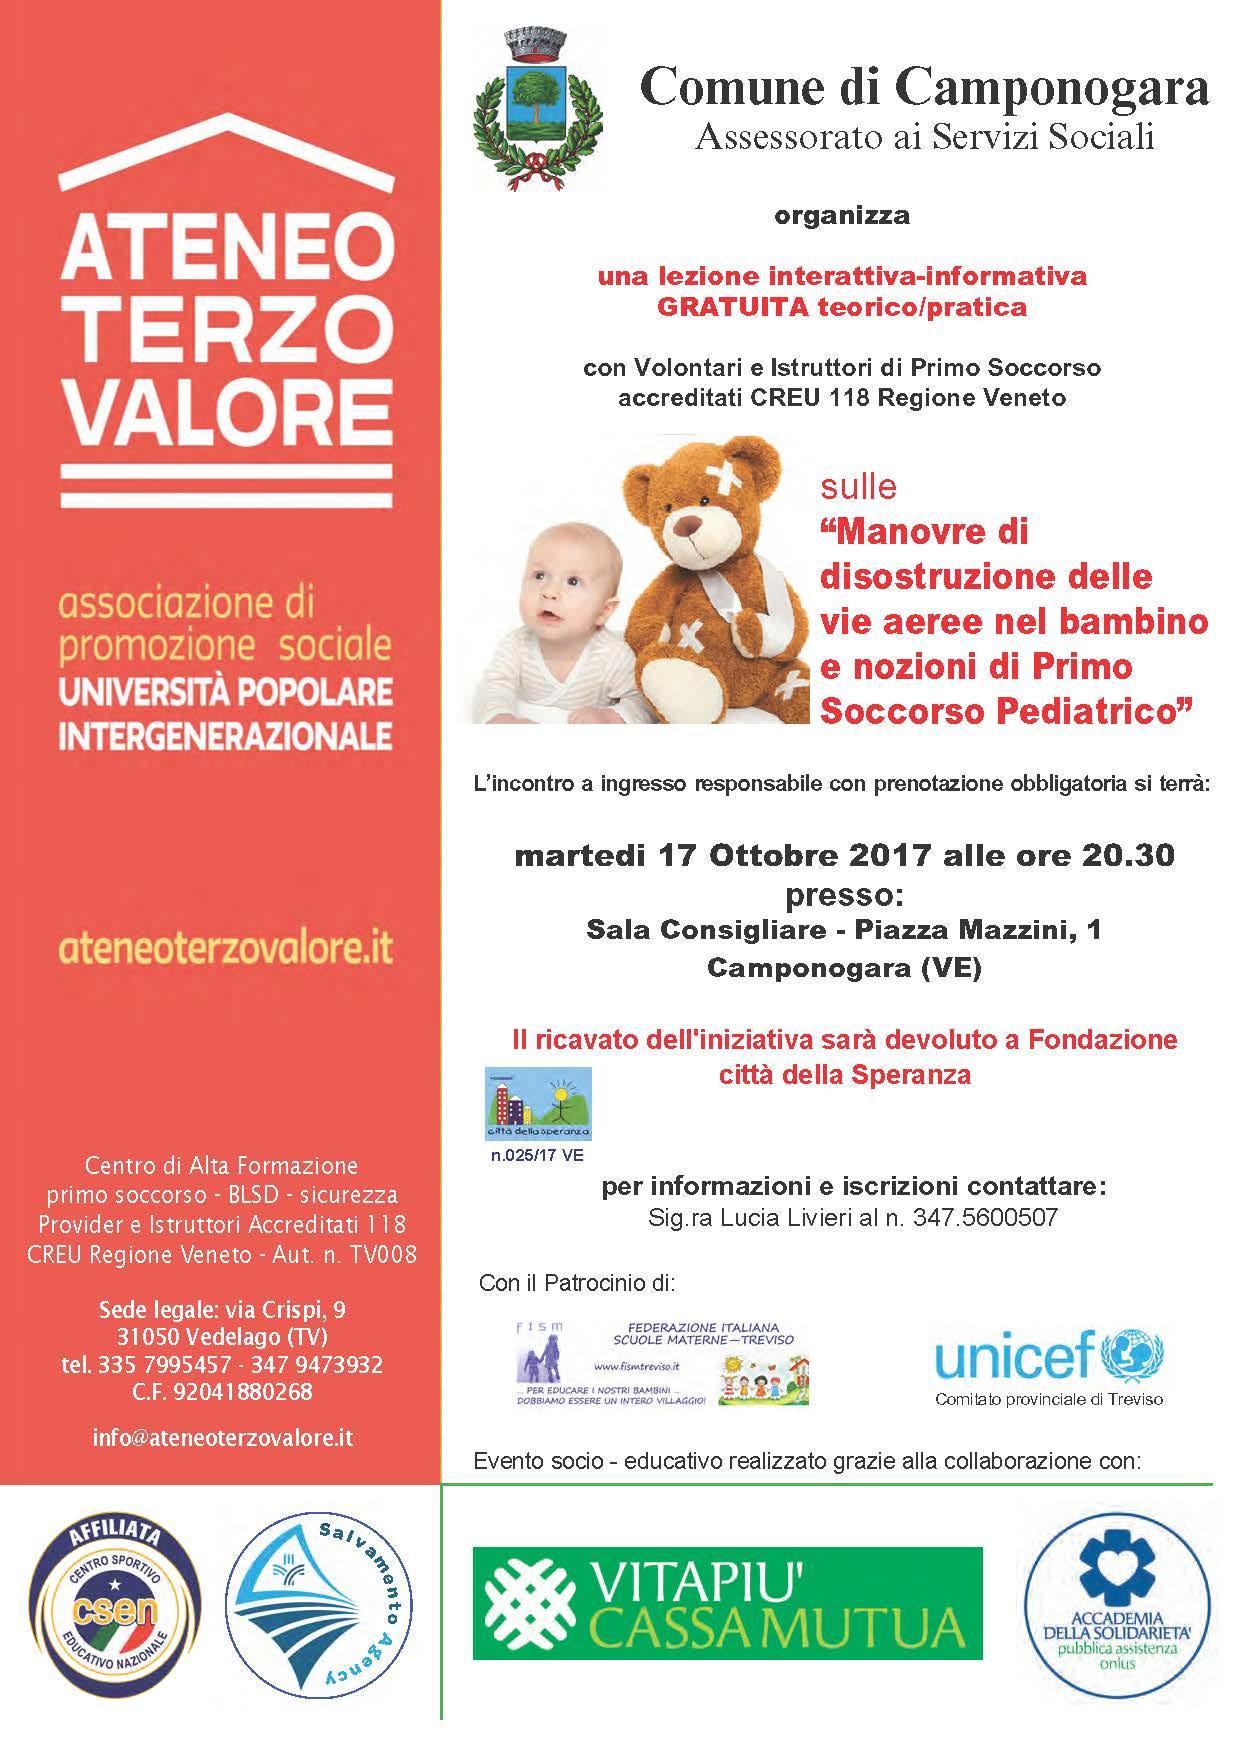 Manovre Disostruzione Pediatriche CAMPONOGARA VENEZIA